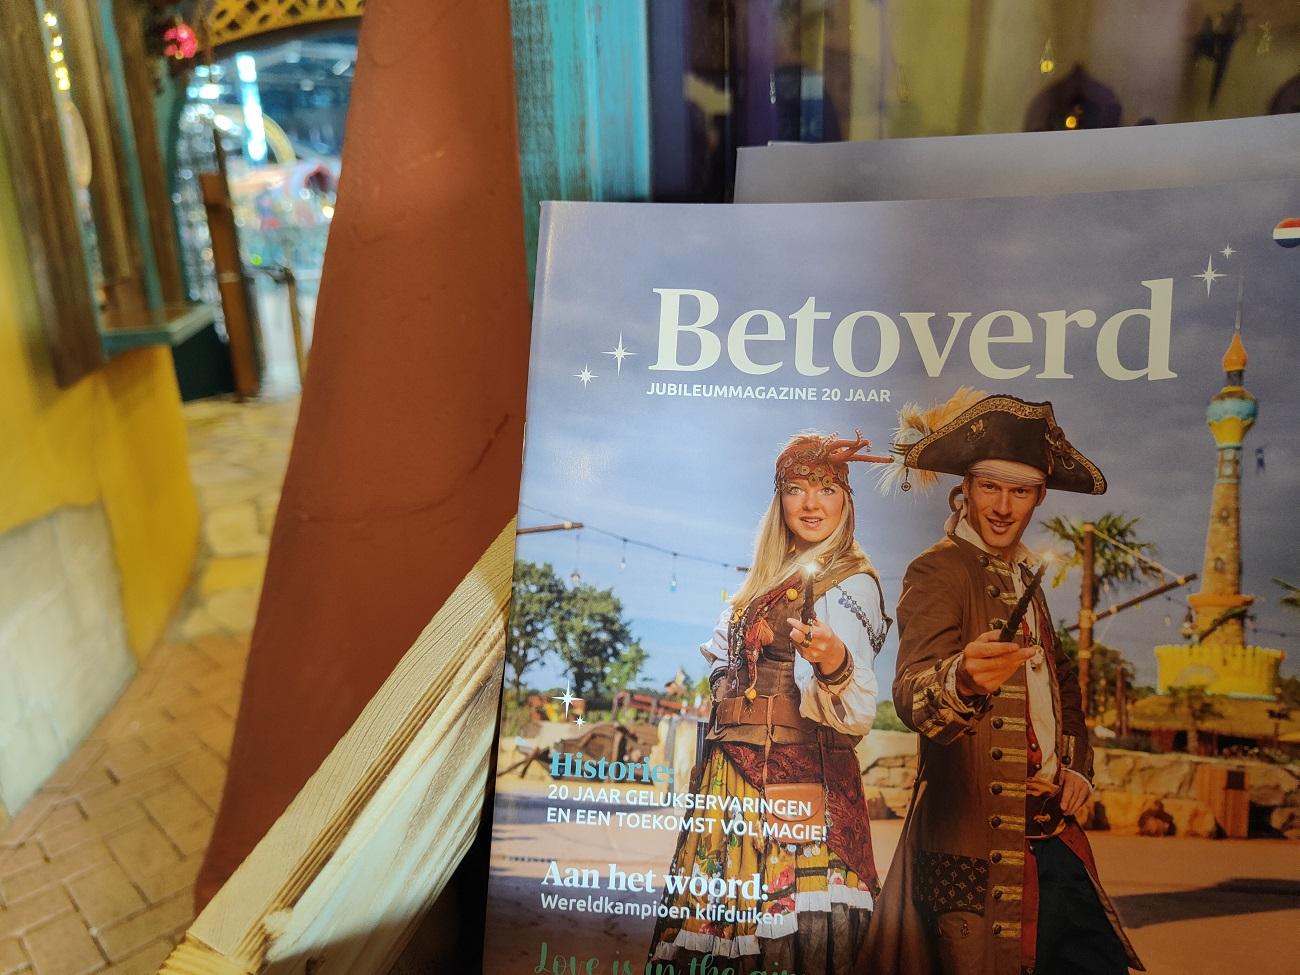 Betoverd Magazine